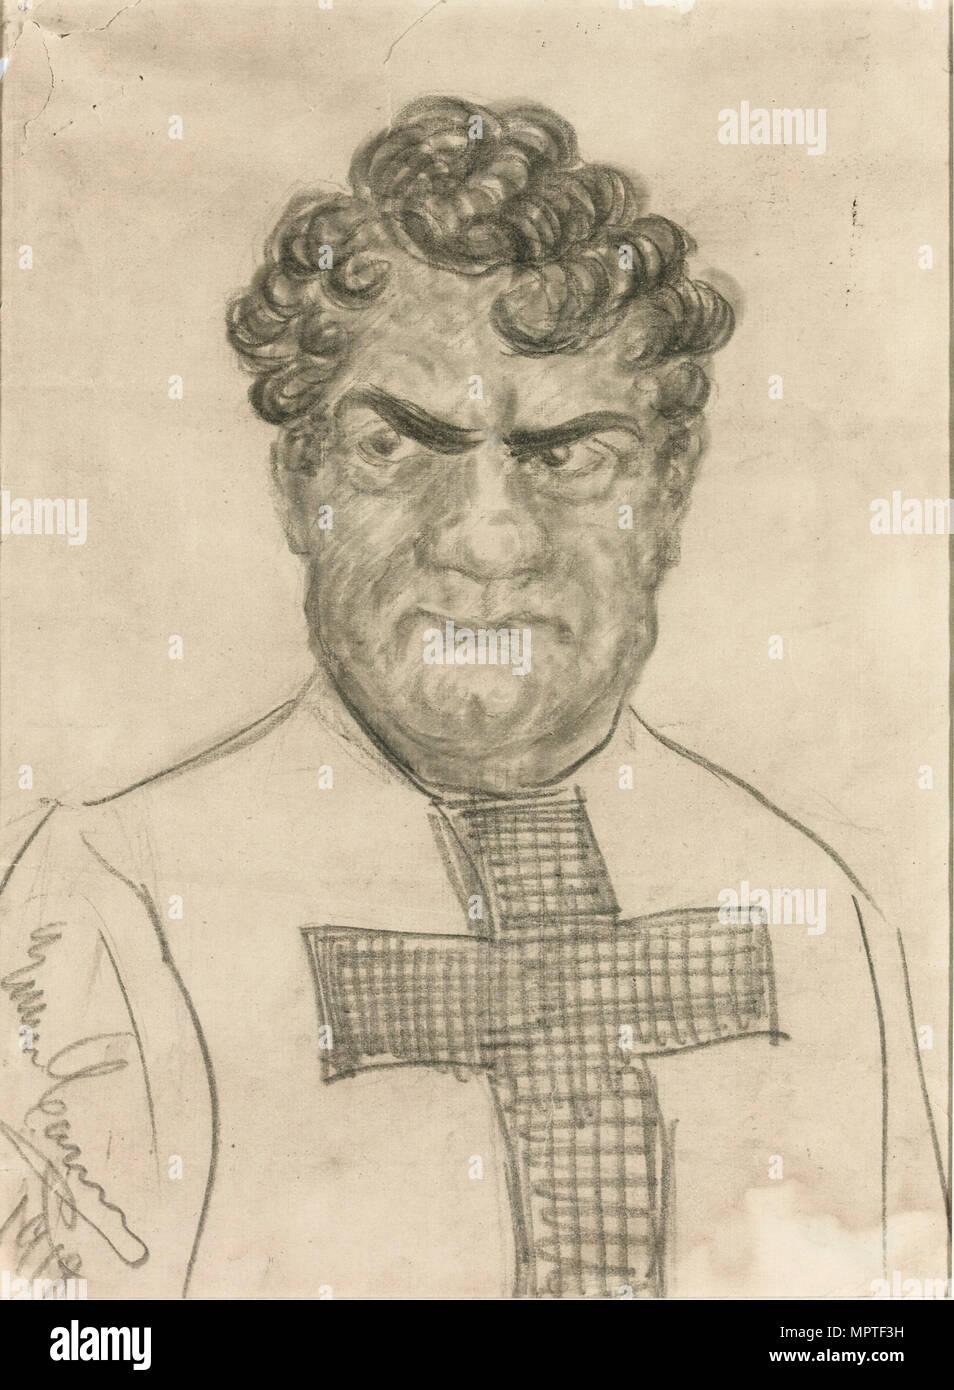 Self-caricature in the role of Don Alvaro in Opera La forza del destino by Giuseppe Verdi, 1918. - Stock Image